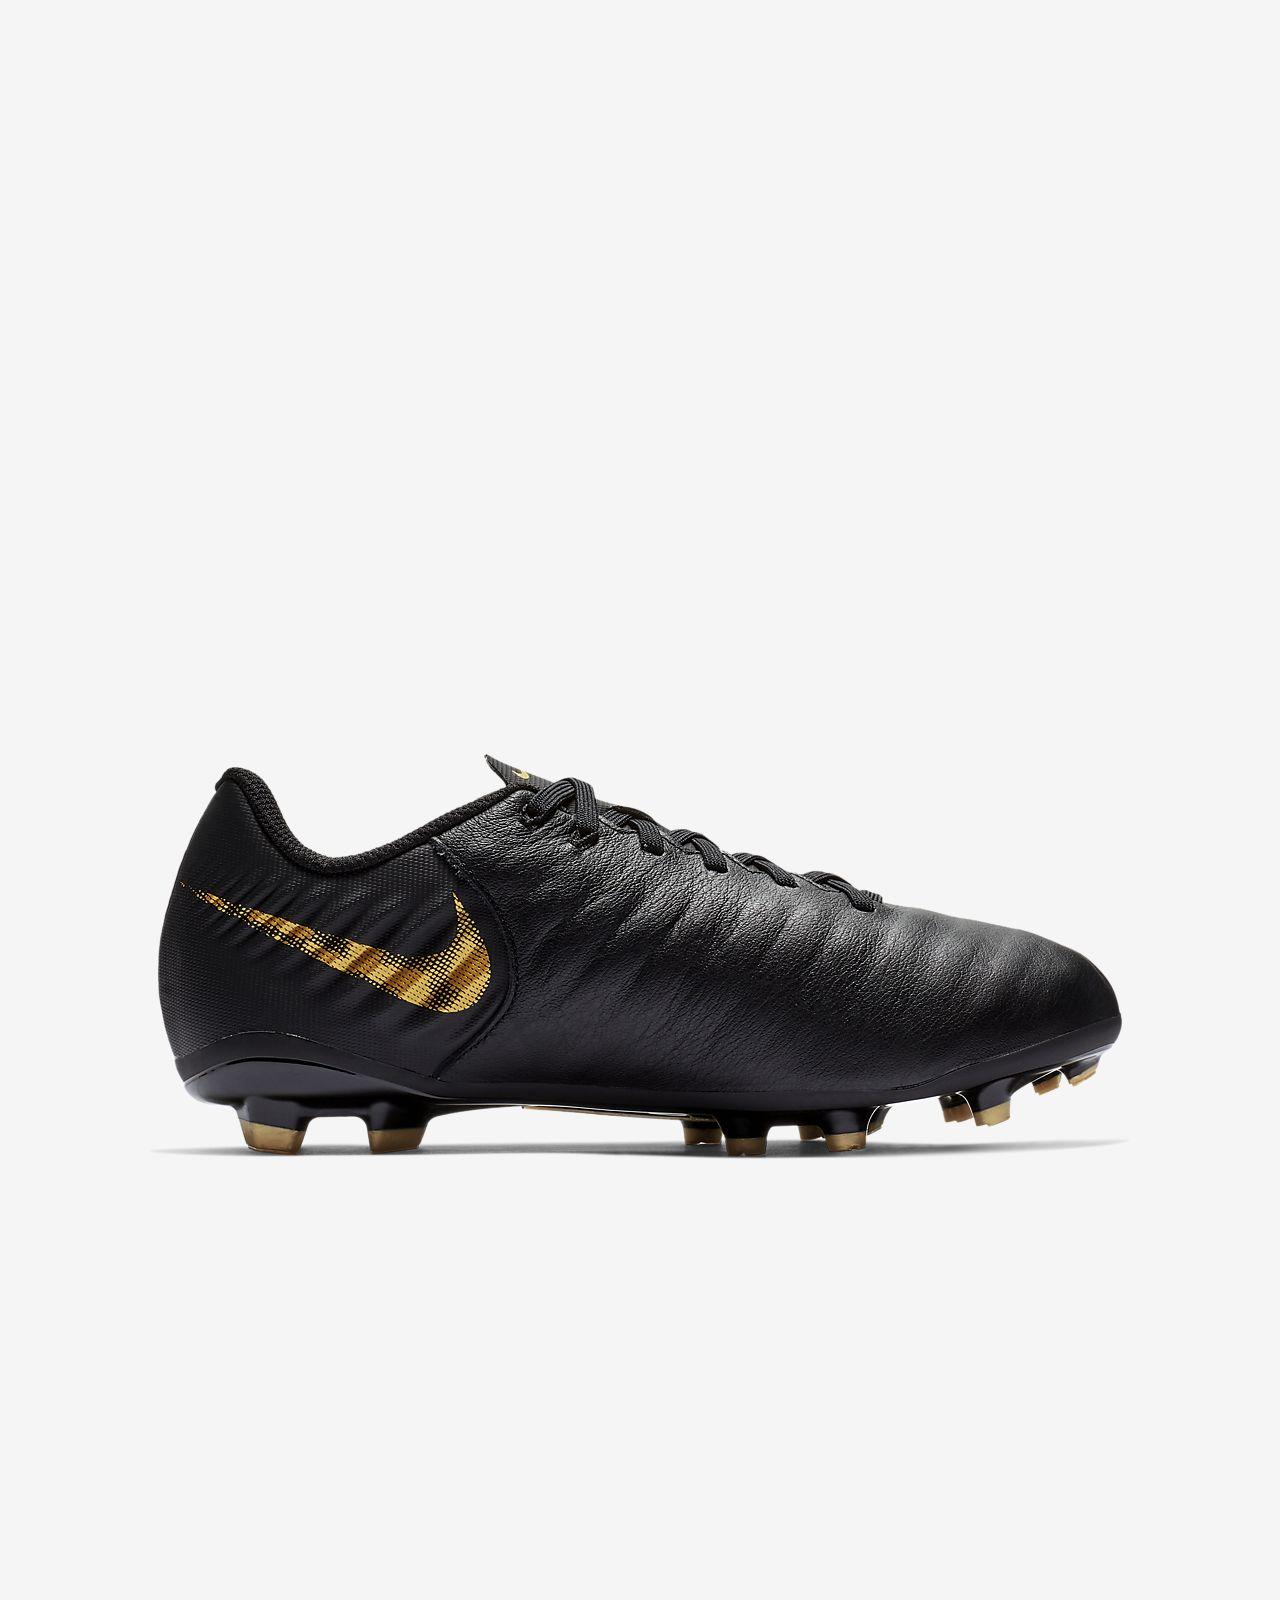 febeb5fc798 ... Ποδοσφαιρικό παπούτσι για σκληρές επιφάνειες Nike Jr. Legend 7 Academy  FG για μικρά/μεγάλα